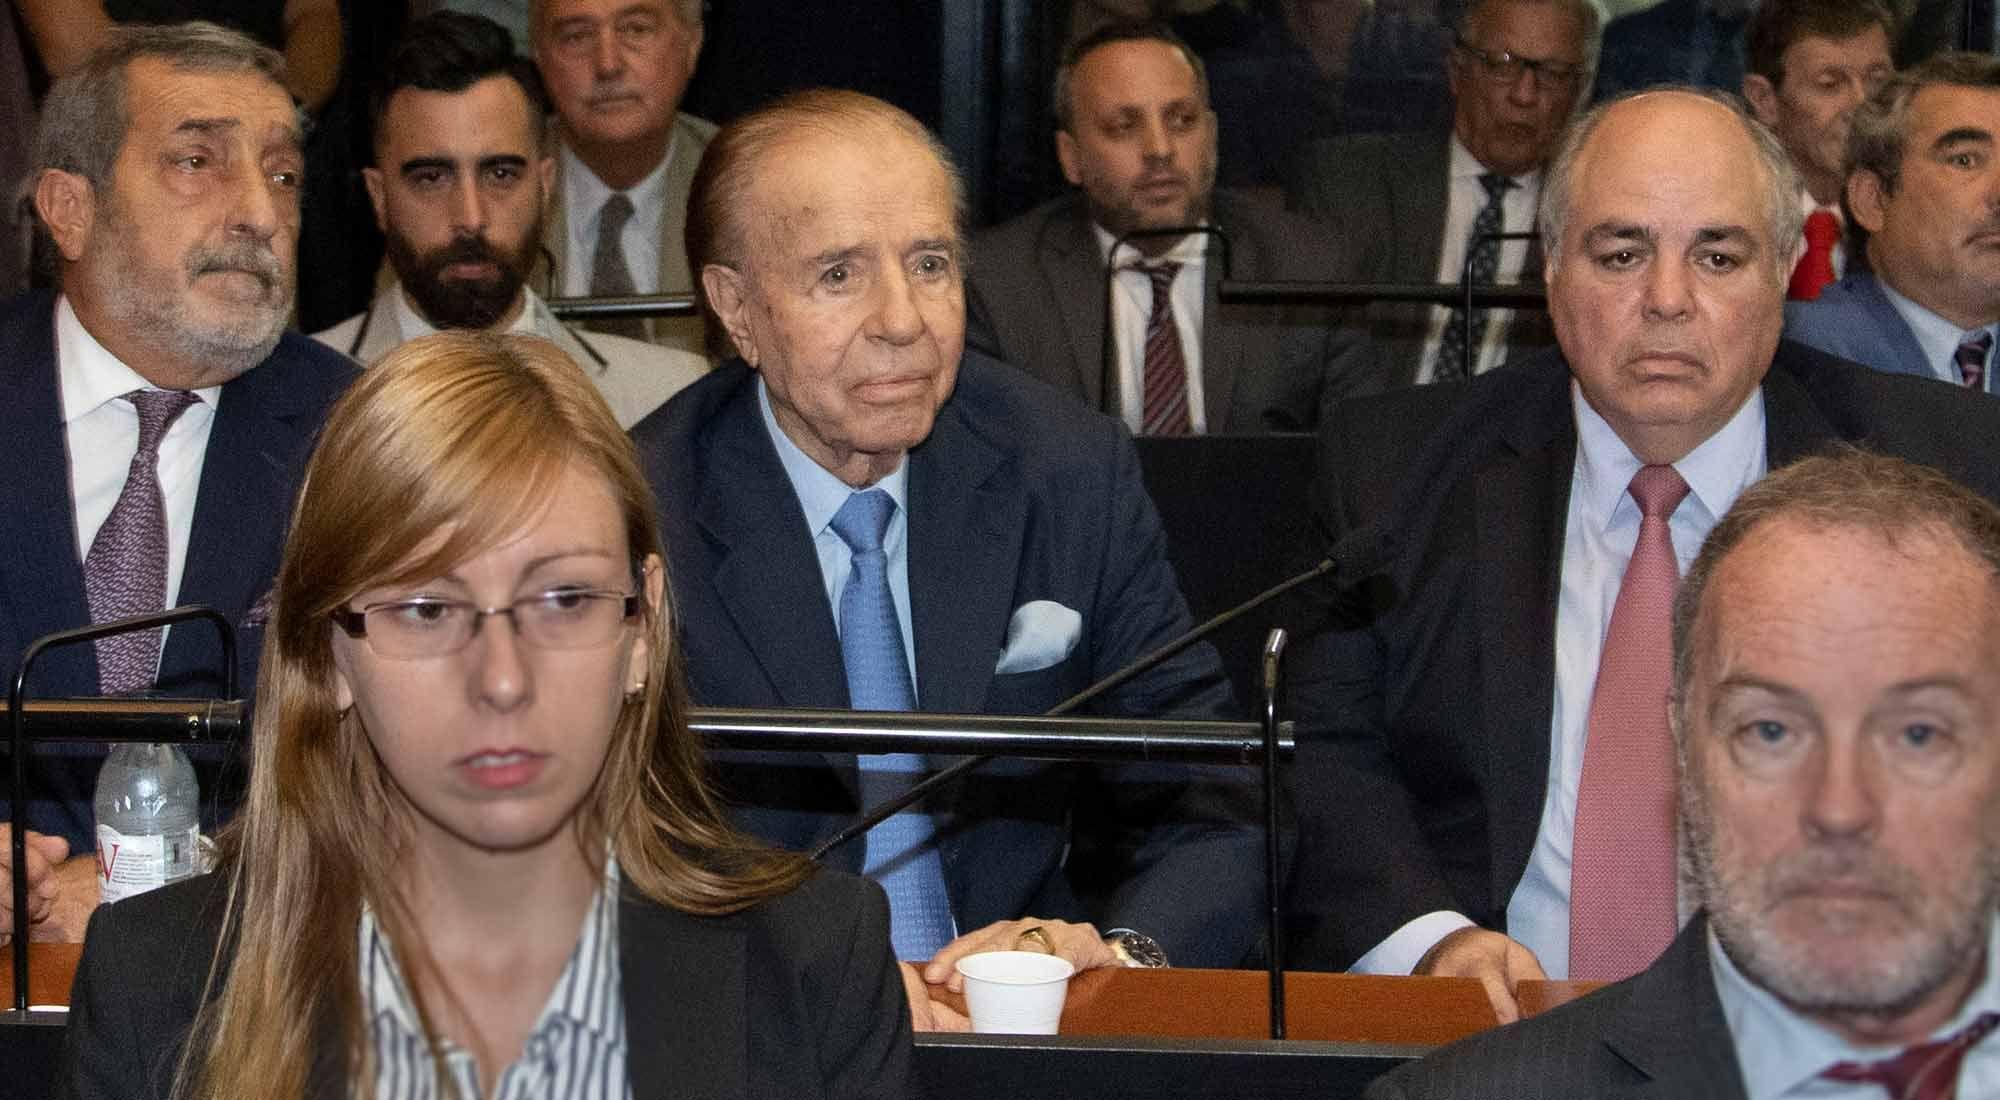 Carlos Menem durante la lectura del veredicto en el juicio por el presunto encubrimiento del atentado a la AMIA.